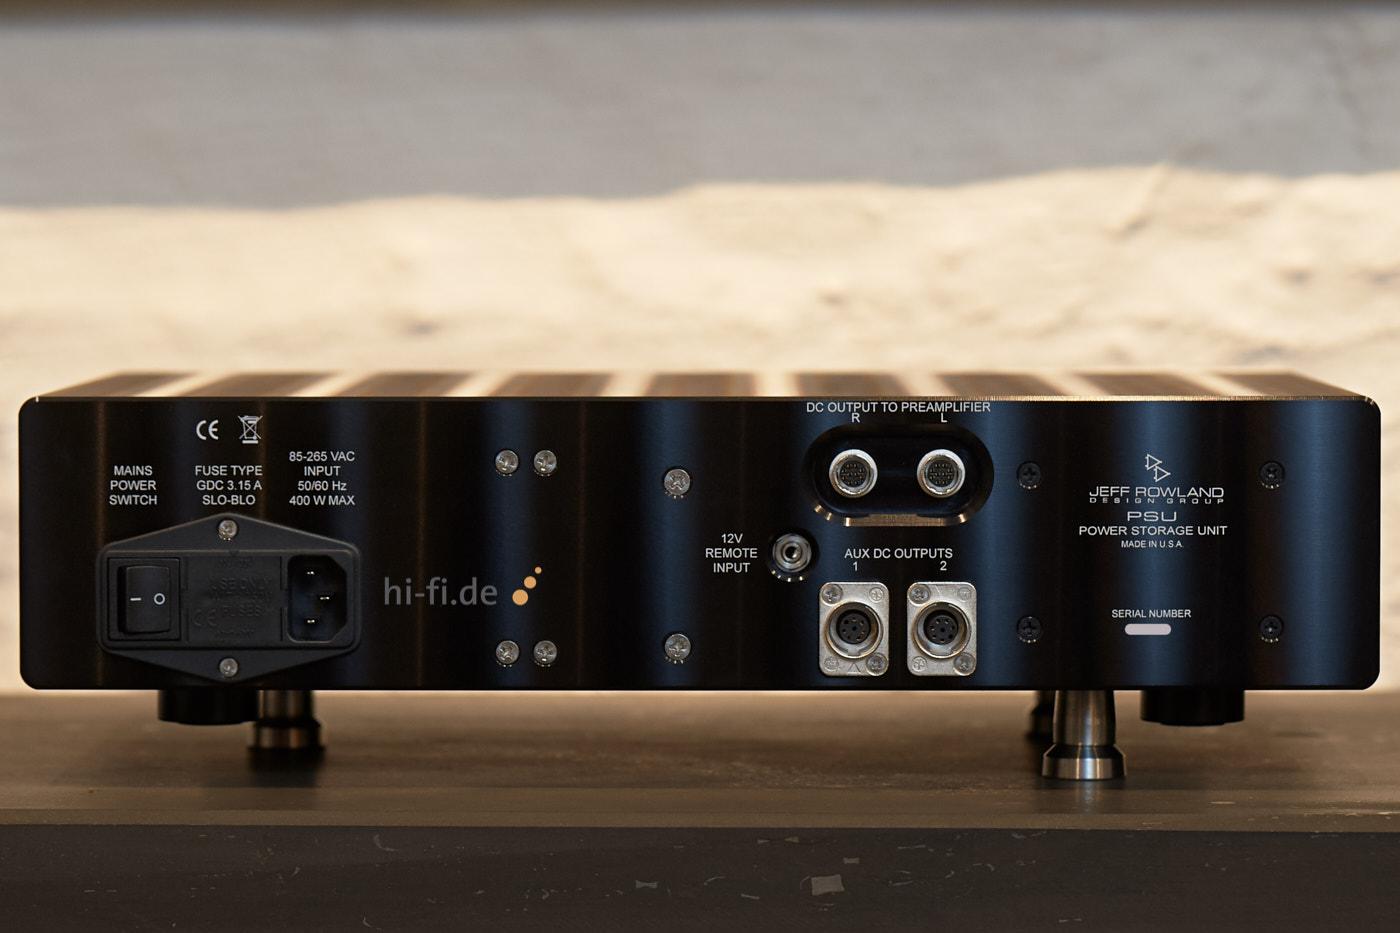 Jeff Rowland PSU Power Storage Unit